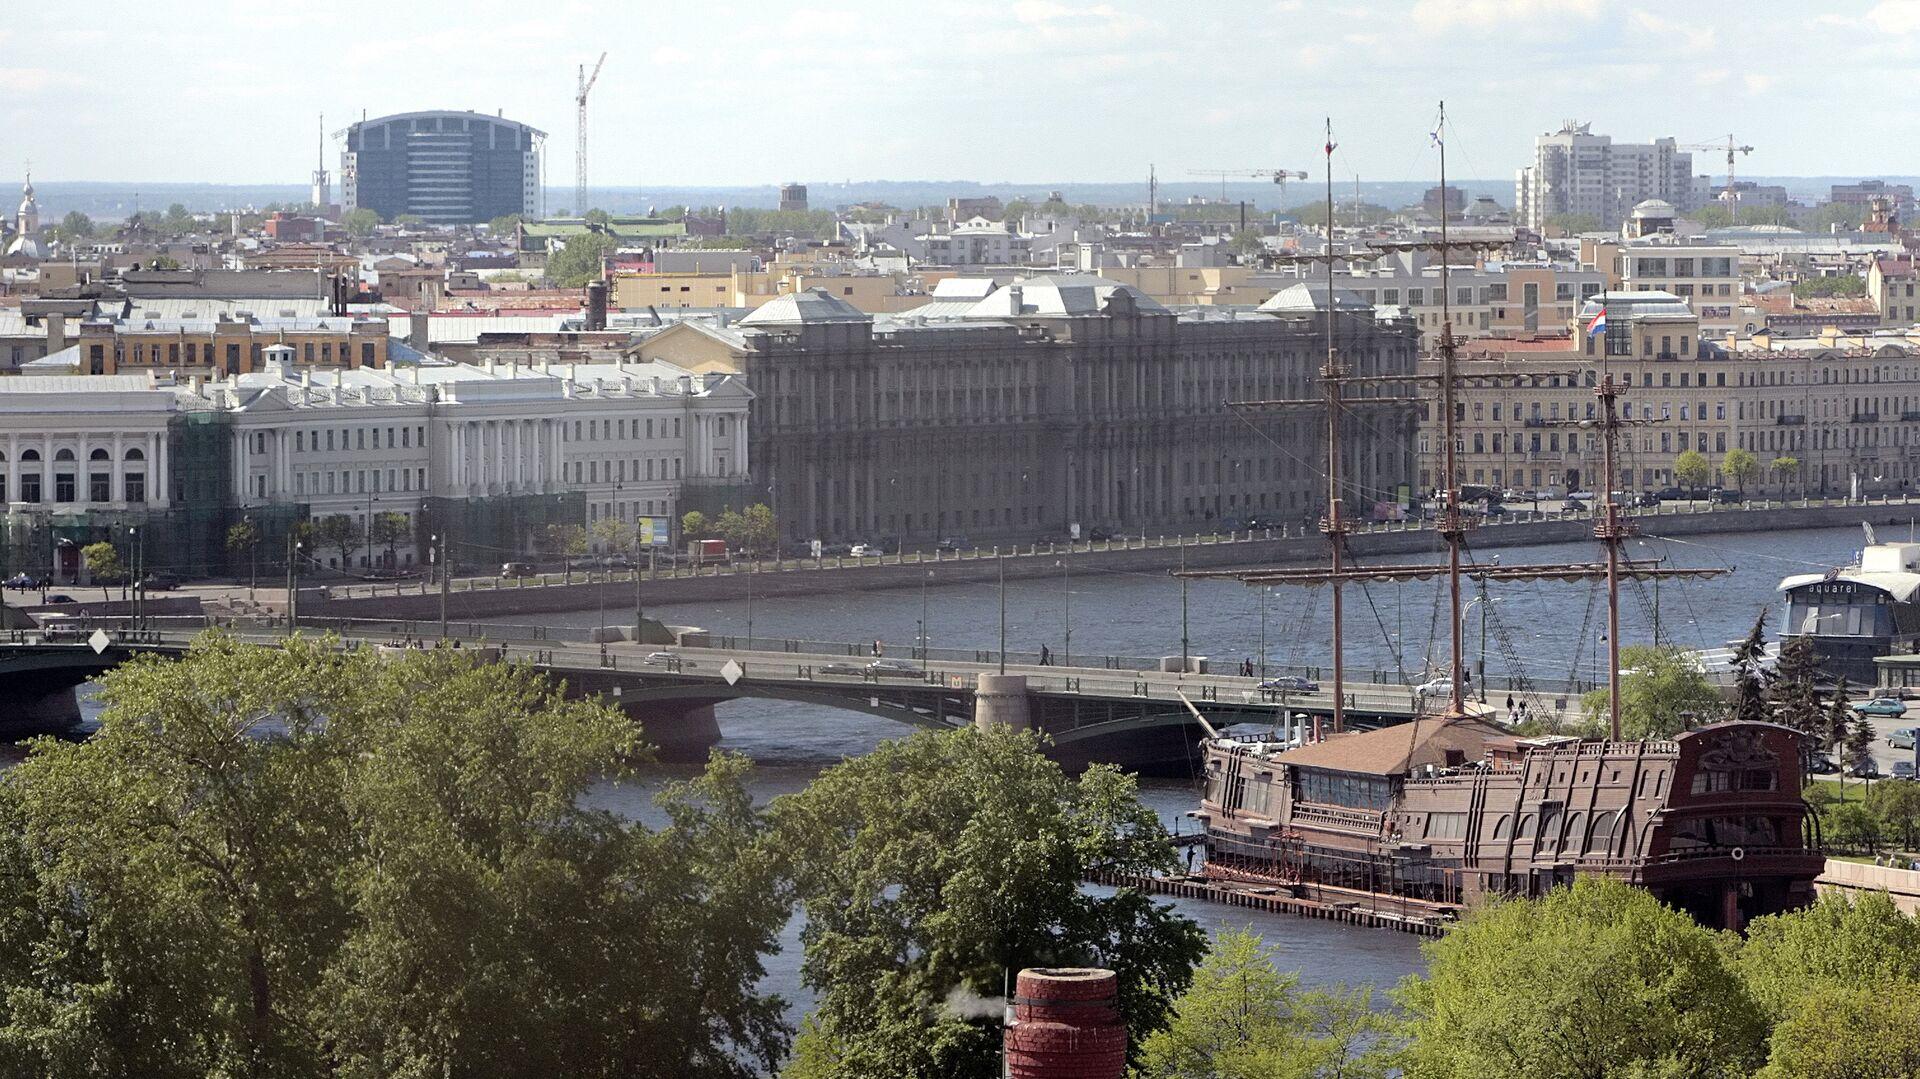 Вид на Биржевой мост с колокольни Петропавловской крепости - РИА Новости, 1920, 19.07.2021